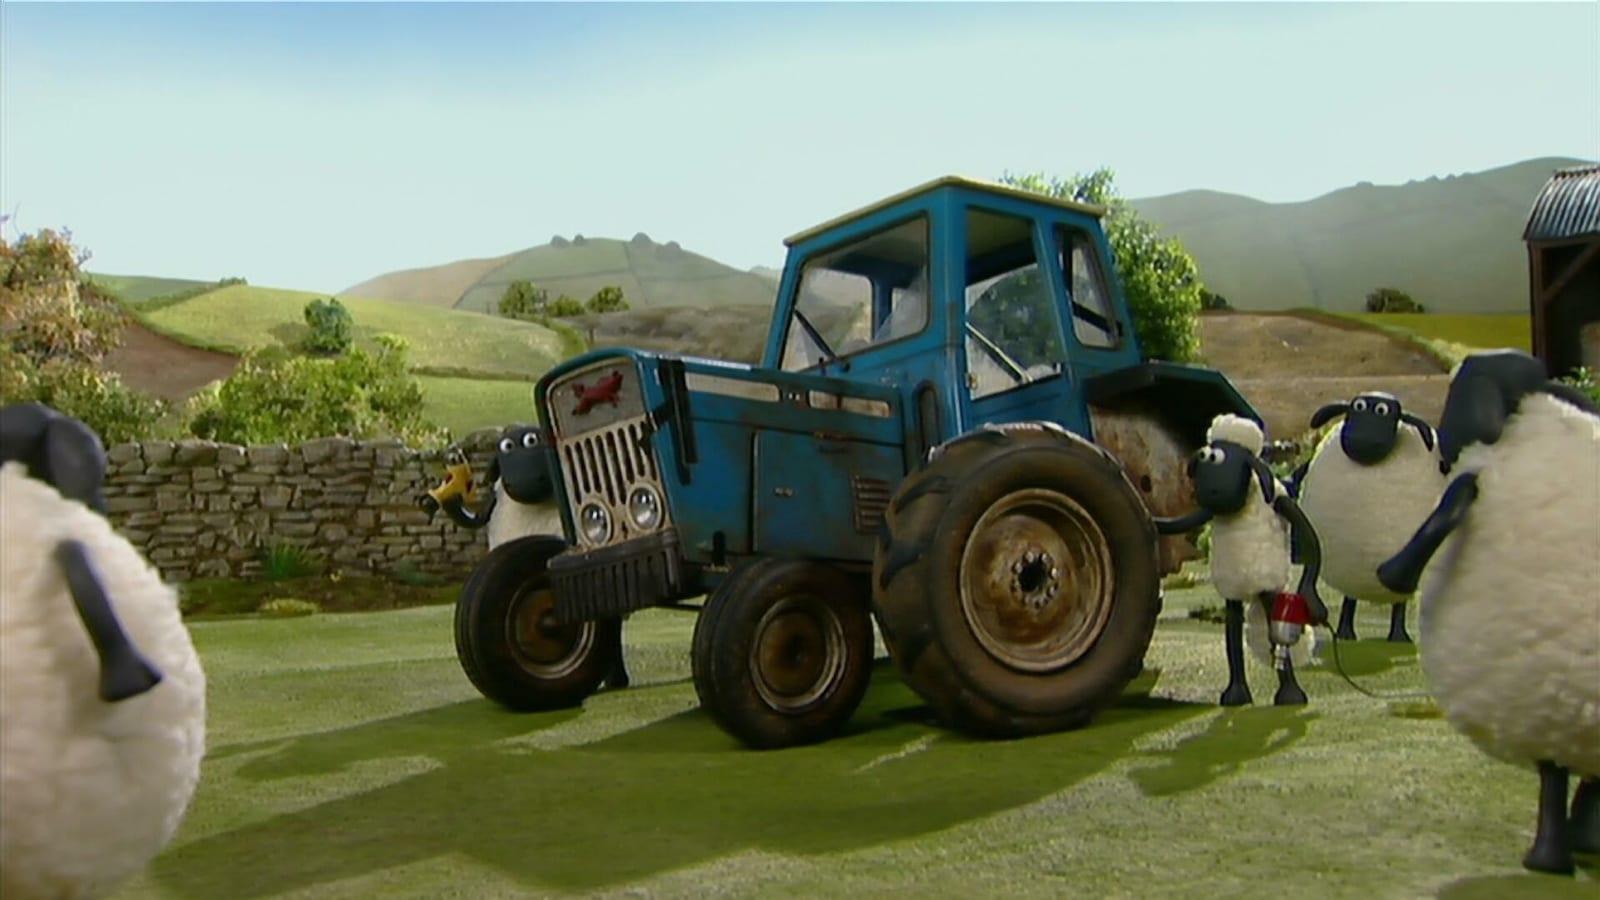 25. Tuliterä traktori